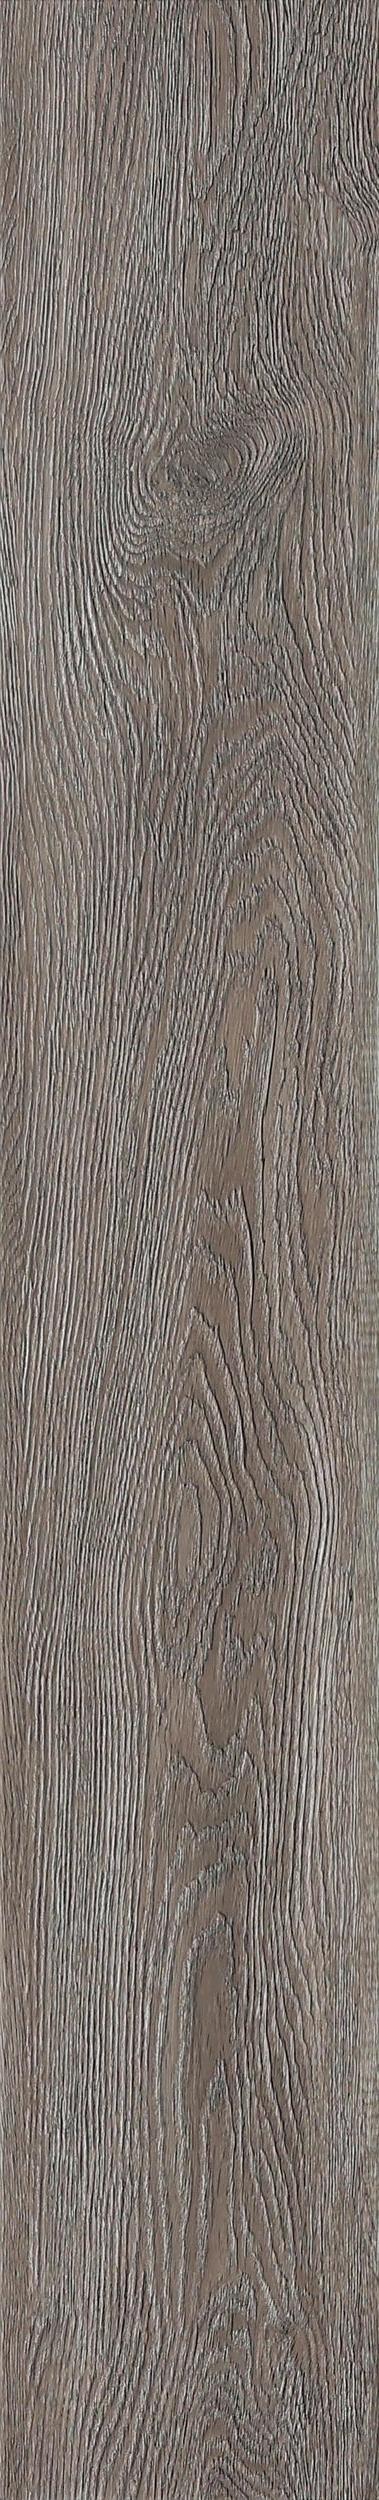 056 Pewter Oak